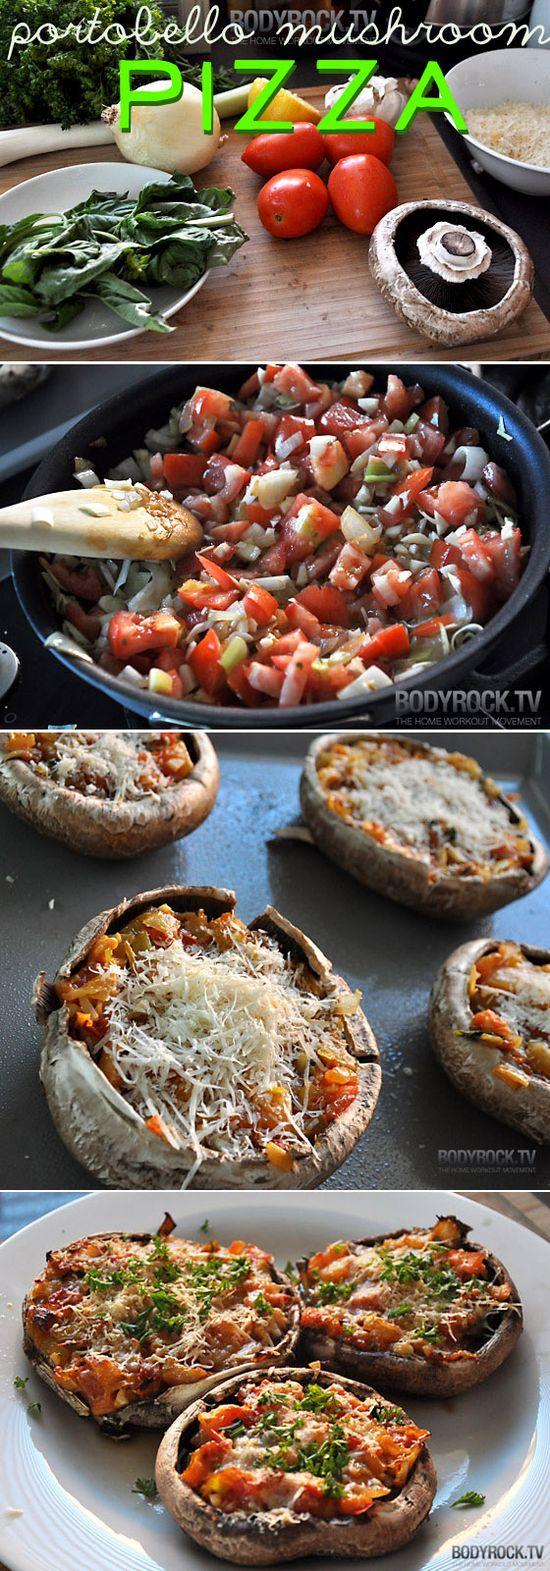 Portobello mushroom pizza. Wow!